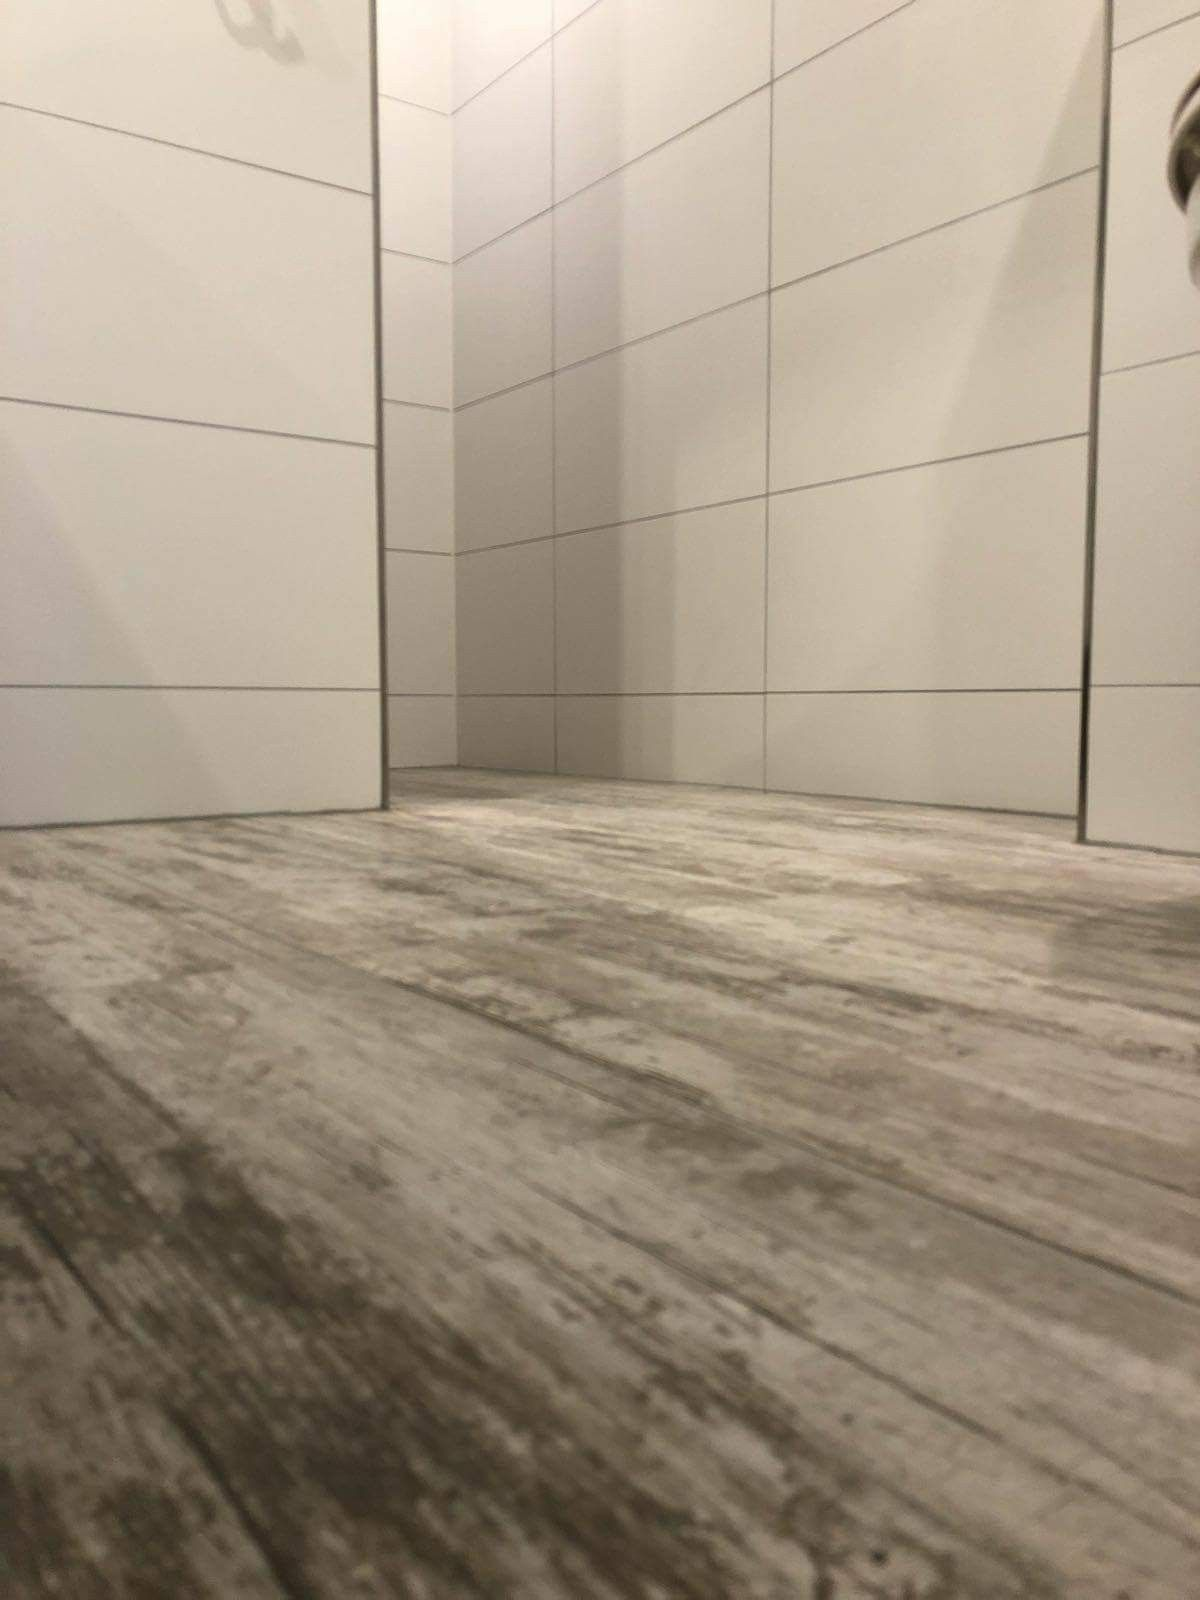 Badkamer opknappen? | Tegels | Pinterest